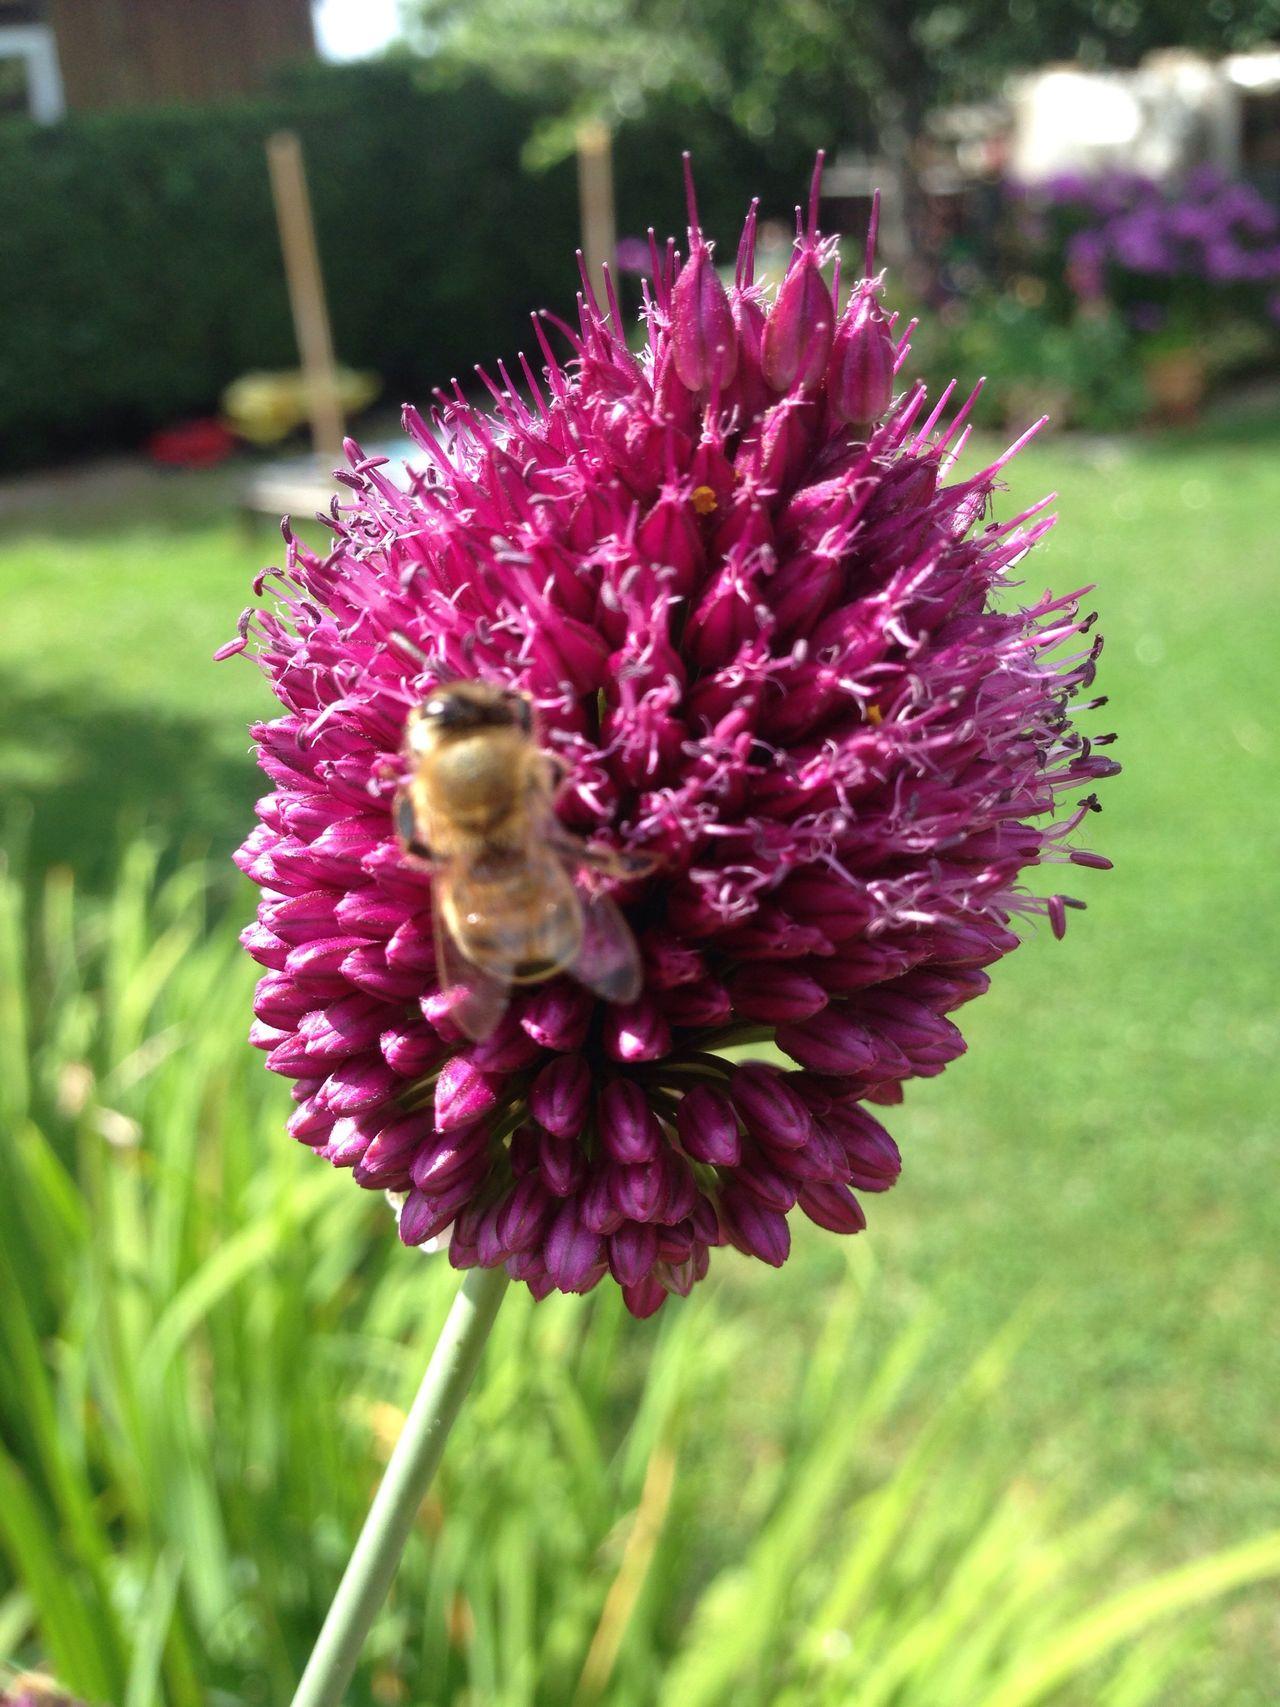 Bees And Flowers Bees Bienen  Bienen Bei Der Arbeit Wildbienen Bee Biene Wildbee Wildbiene Lauch Kugellauch Zierlauch Garden Photography Garden Allium Flower Allium Sphaerocephalon Garten Pflanze Natur